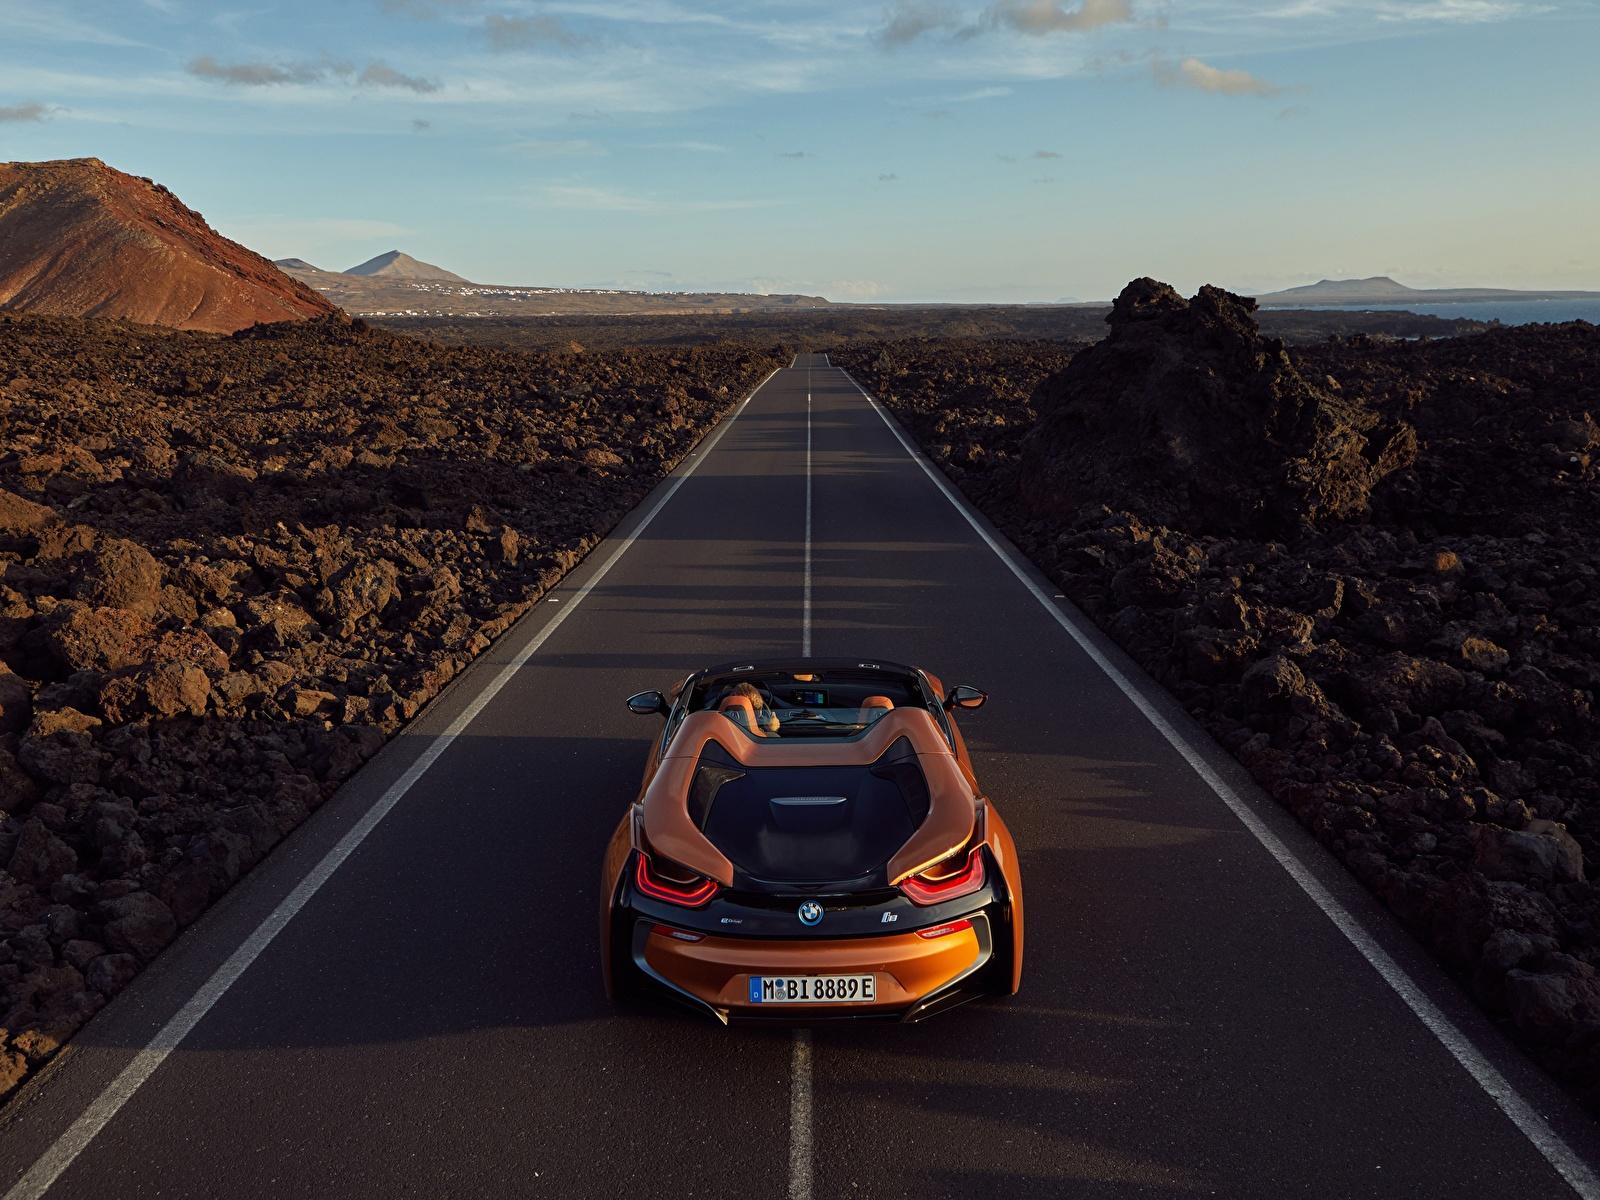 Картинка БМВ 2018 i8 Родстер оранжевые Дороги Автомобили 1600x1200 BMW оранжевых Оранжевый оранжевая Авто Машины